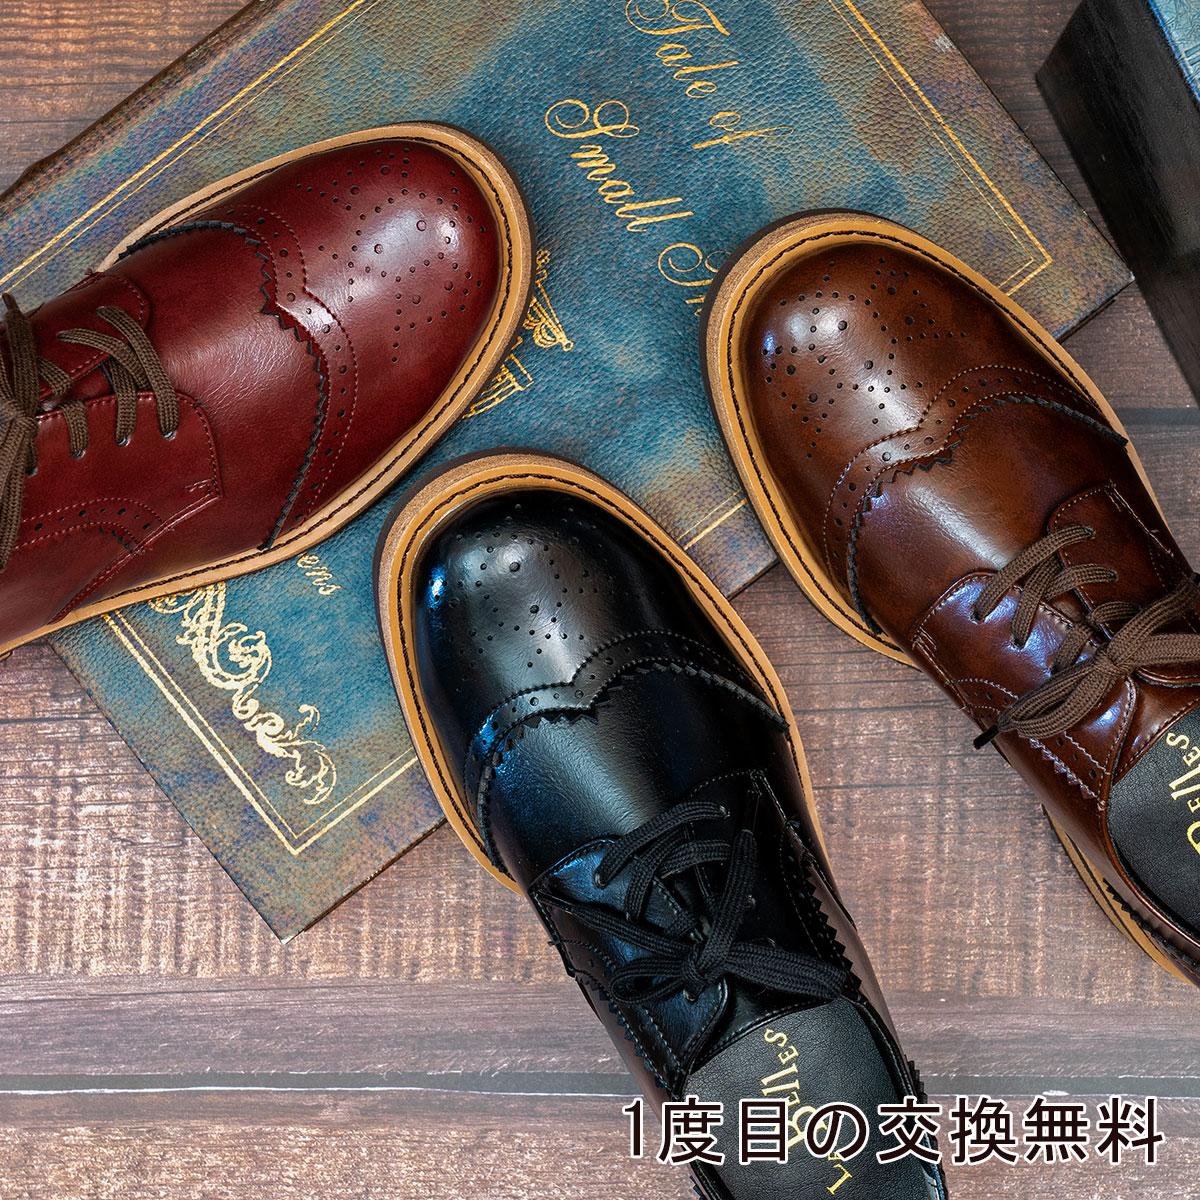 シャイニーメダリオンレースアップシューズ クラシック 紐靴 おじ靴 フラットシューズ K1911 【CSF】【●】